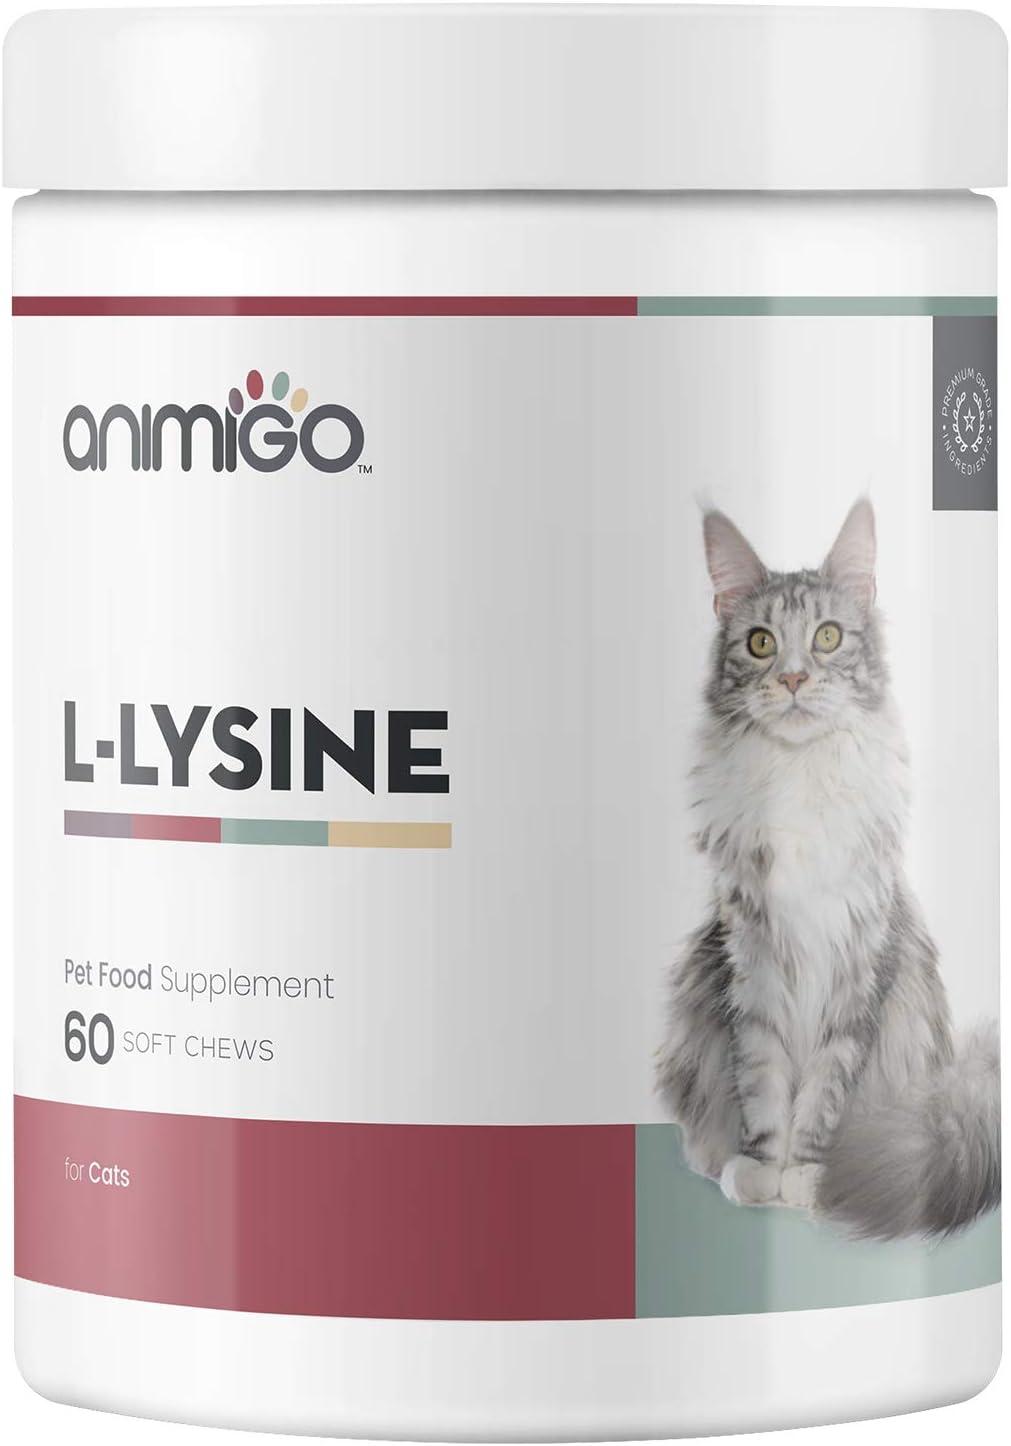 Animigo L-Lisina para Gatos | Suplemento Natural Inmunitario para la Defensa | L-Lisina, Levadura de Cerveza y Pectina Cítrica | Rico en Aminoácidos, Vitaminas y Minerales | 60 Cápsulas Masticables